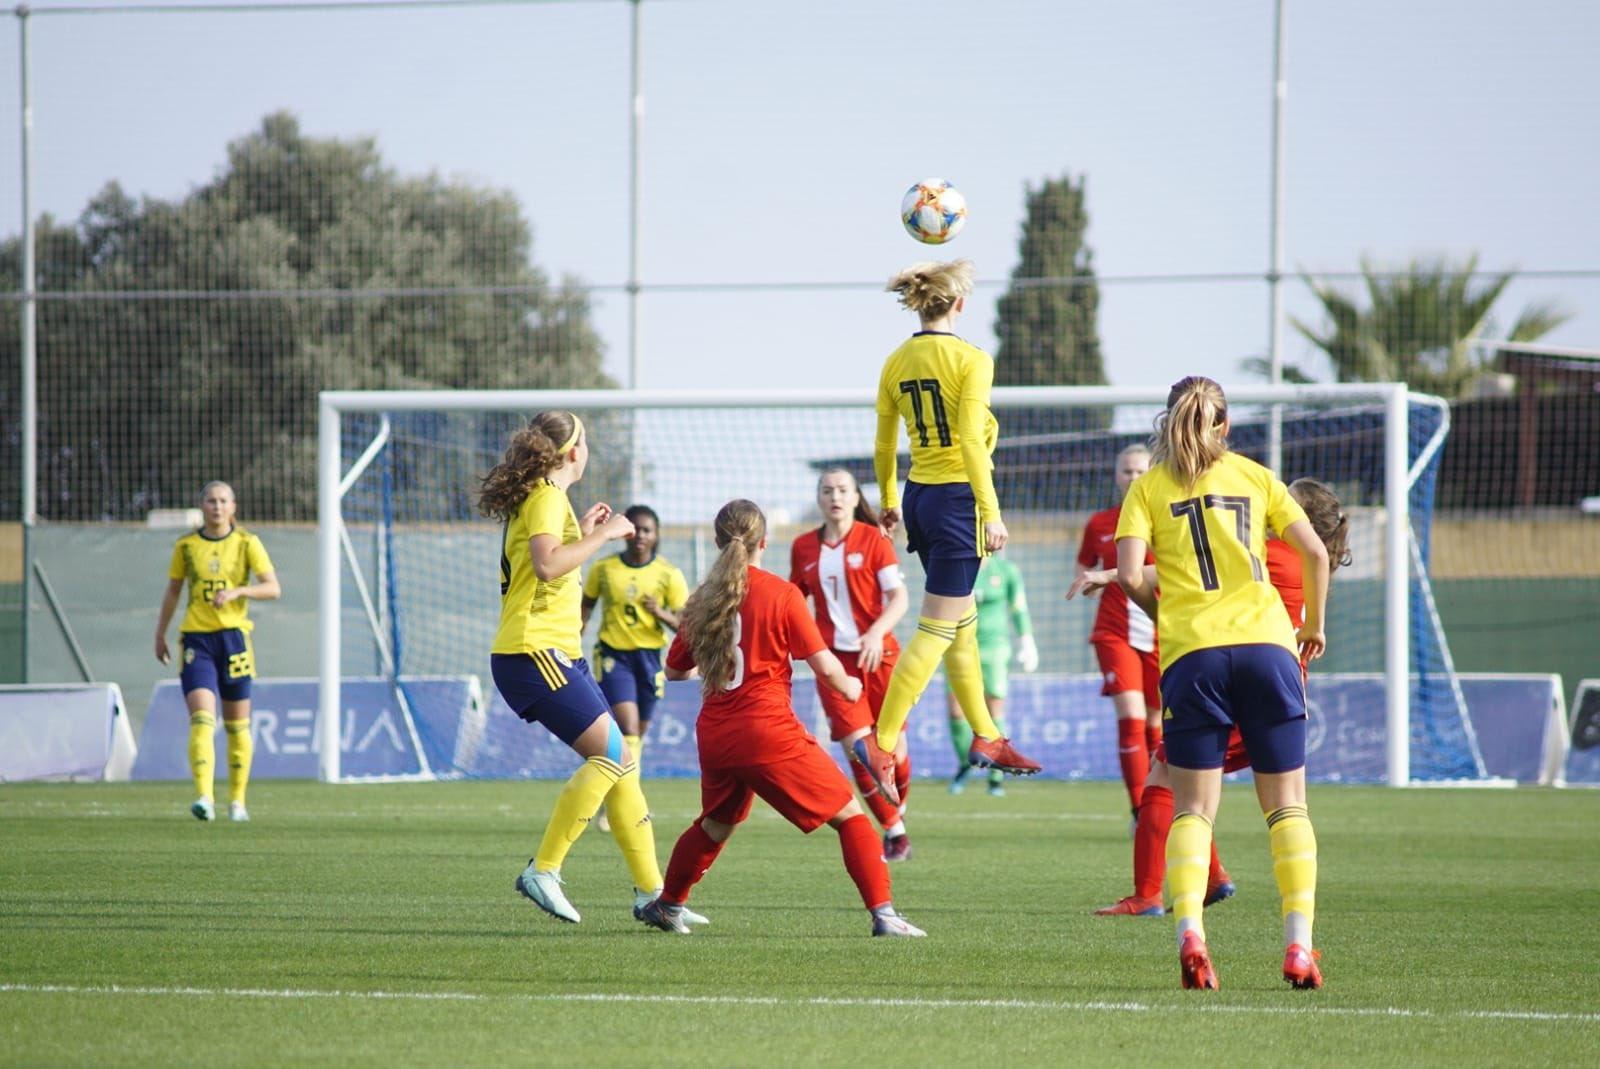 EQlfXqkXUAE4219 - Reprezentacja U-17: Pewna wygrana ze Szwecją, Polki z szansą na triumf w turnieju